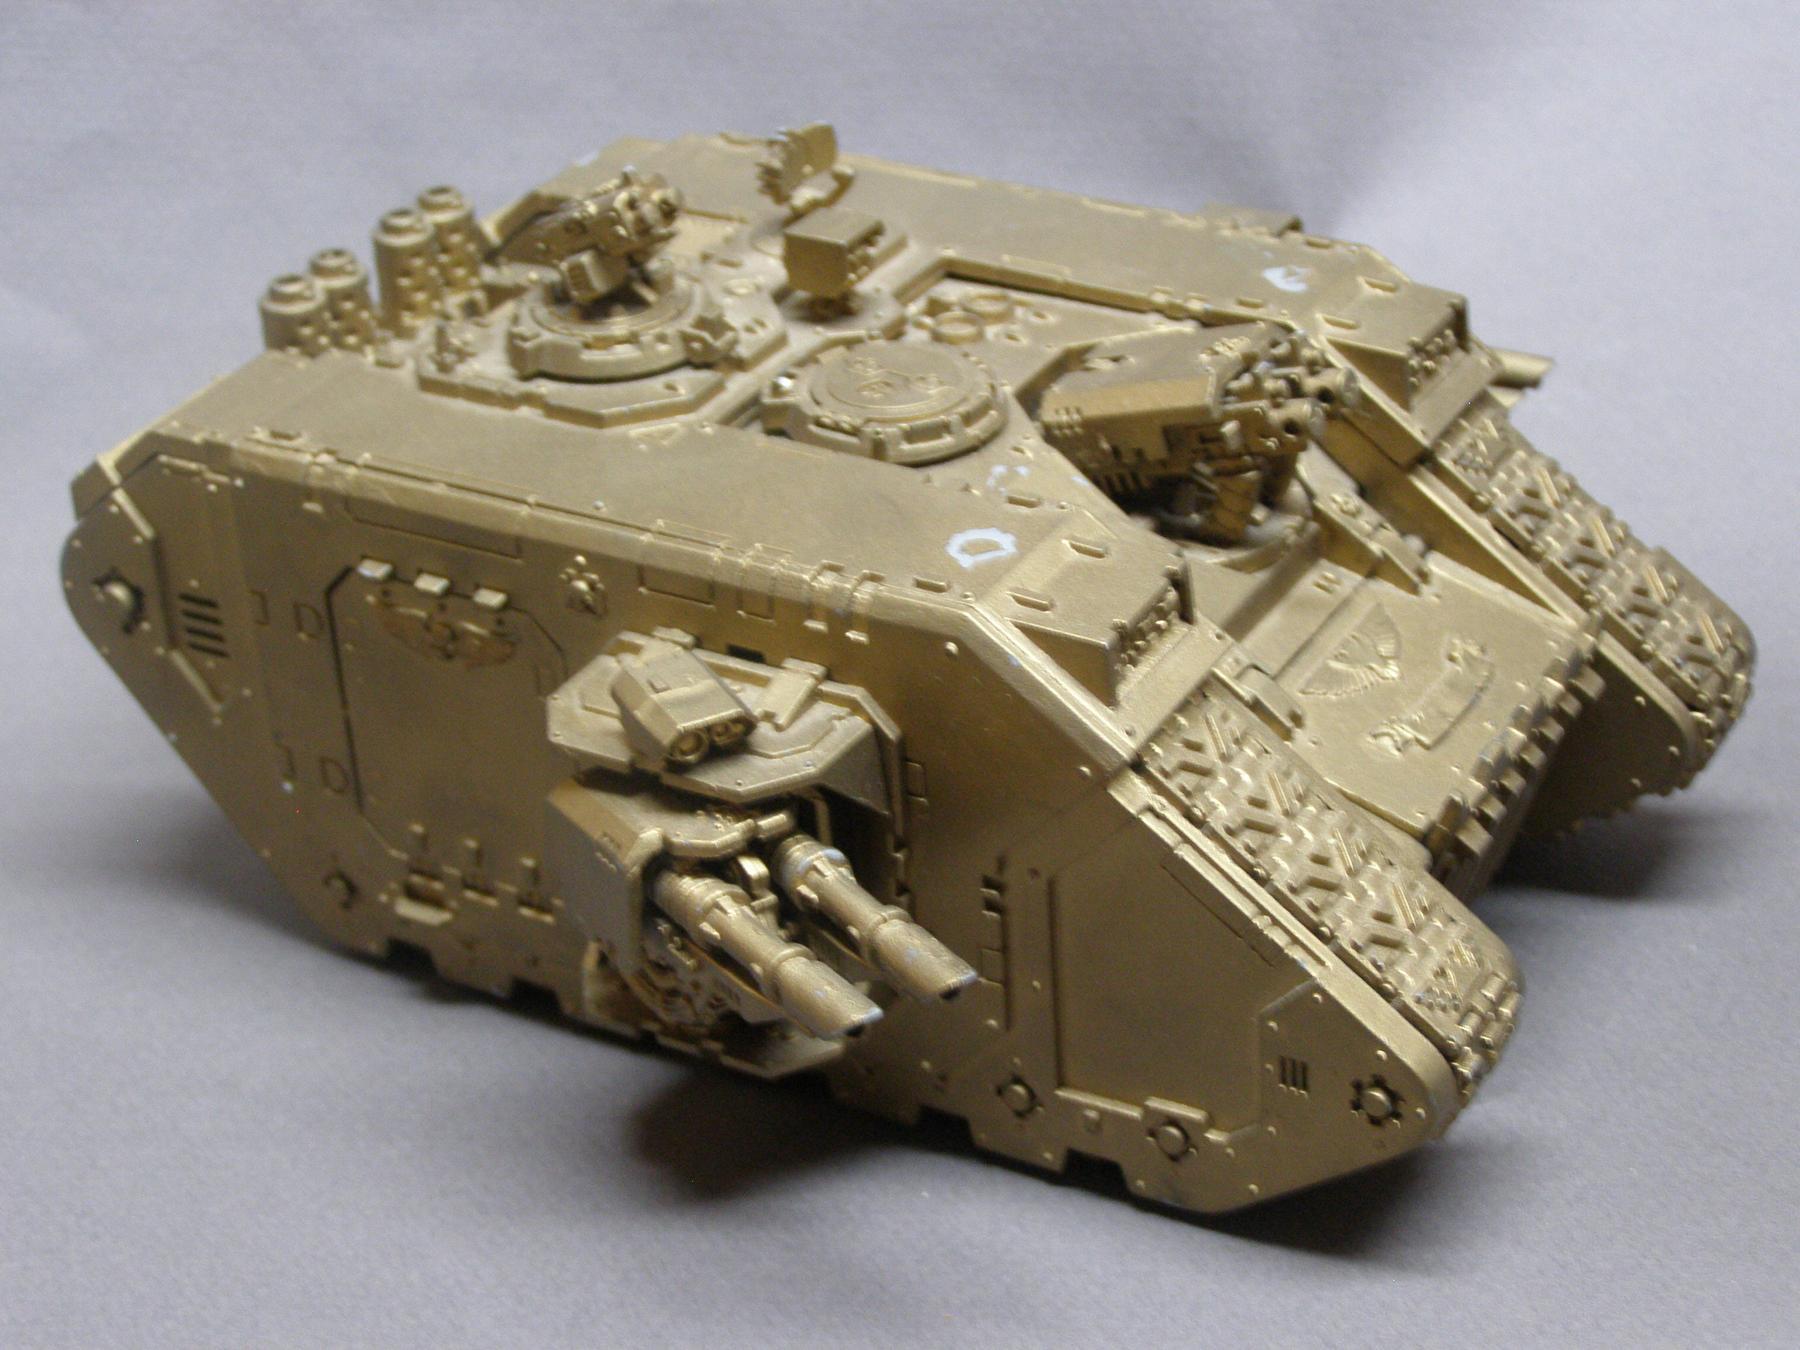 Land Raider, Warhammer 40,000